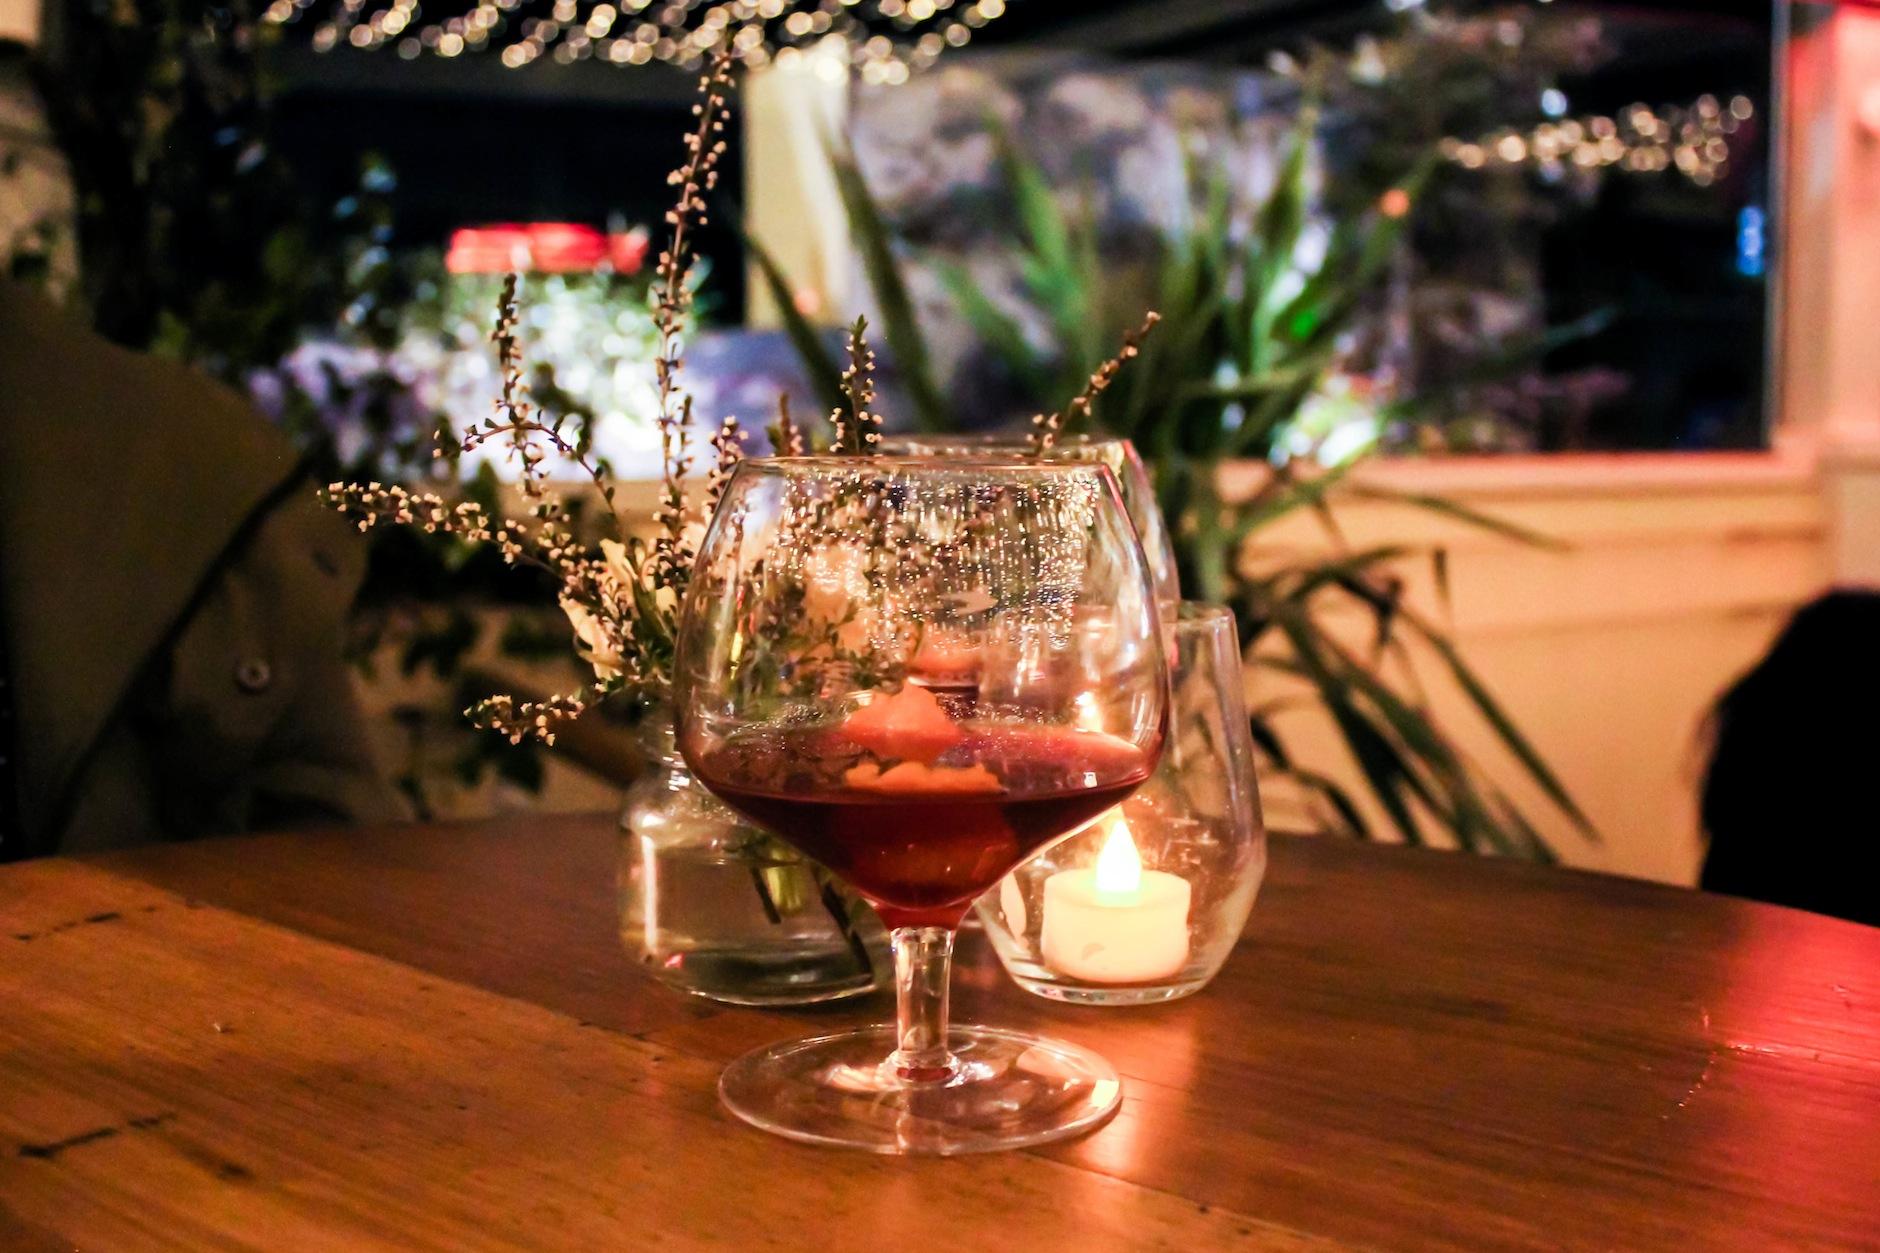 Gluhwein - Mulled Wine